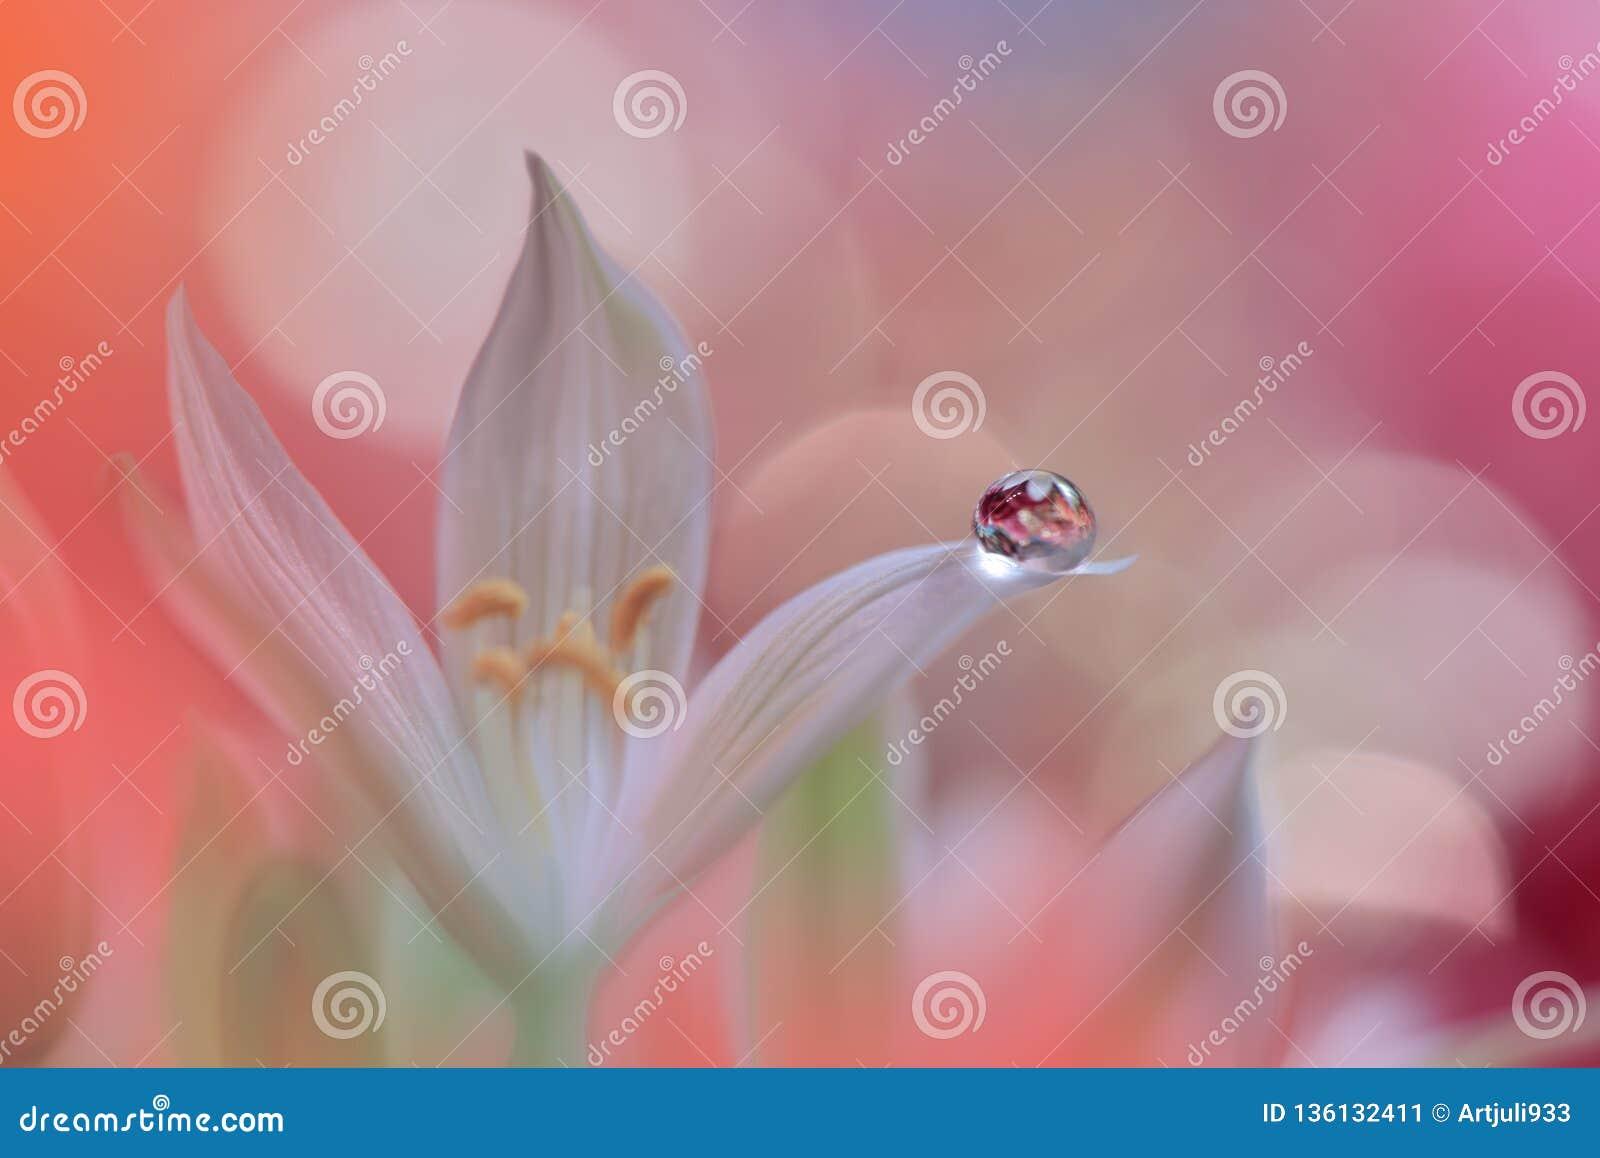 сеть весны природы коллектора цветения знамени Абстрактное фото макроса художническая предпосылка Дизайн фантазии Цветастые обои